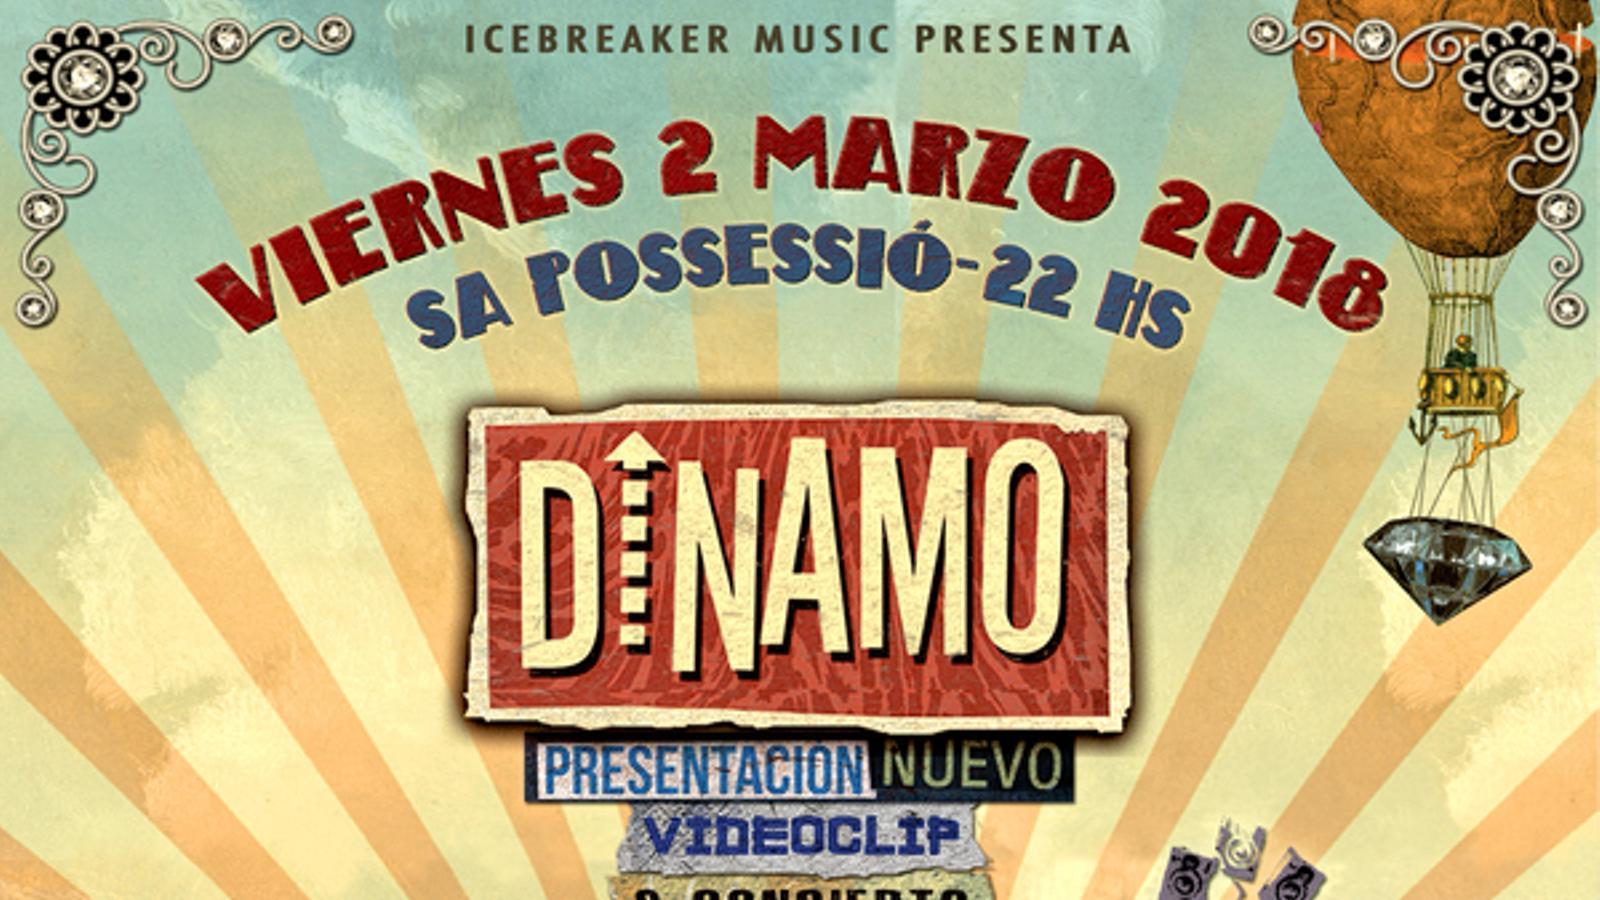 Cartell de l'actuació de Dinamo, Flordhiguera i Raices Sonoras.